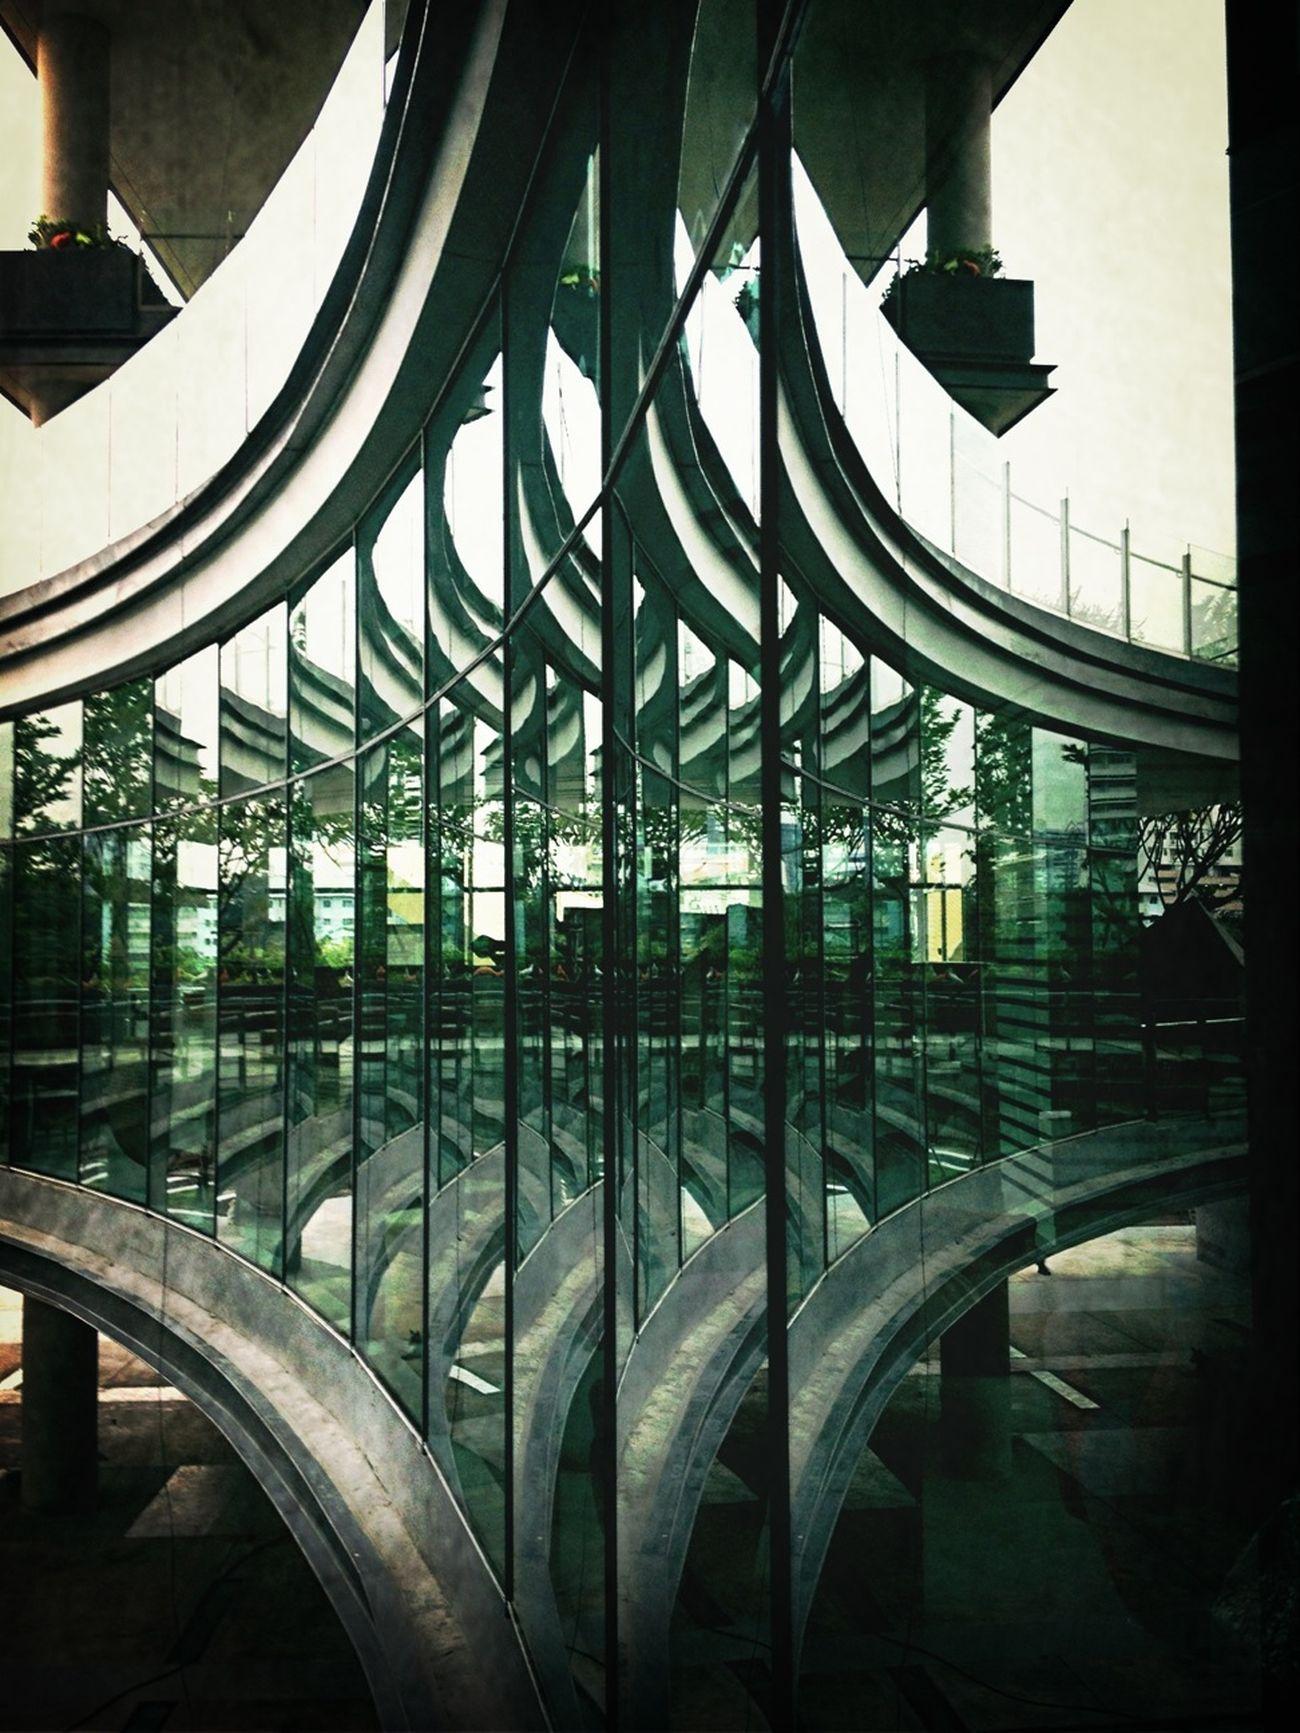 Architectural Illusion